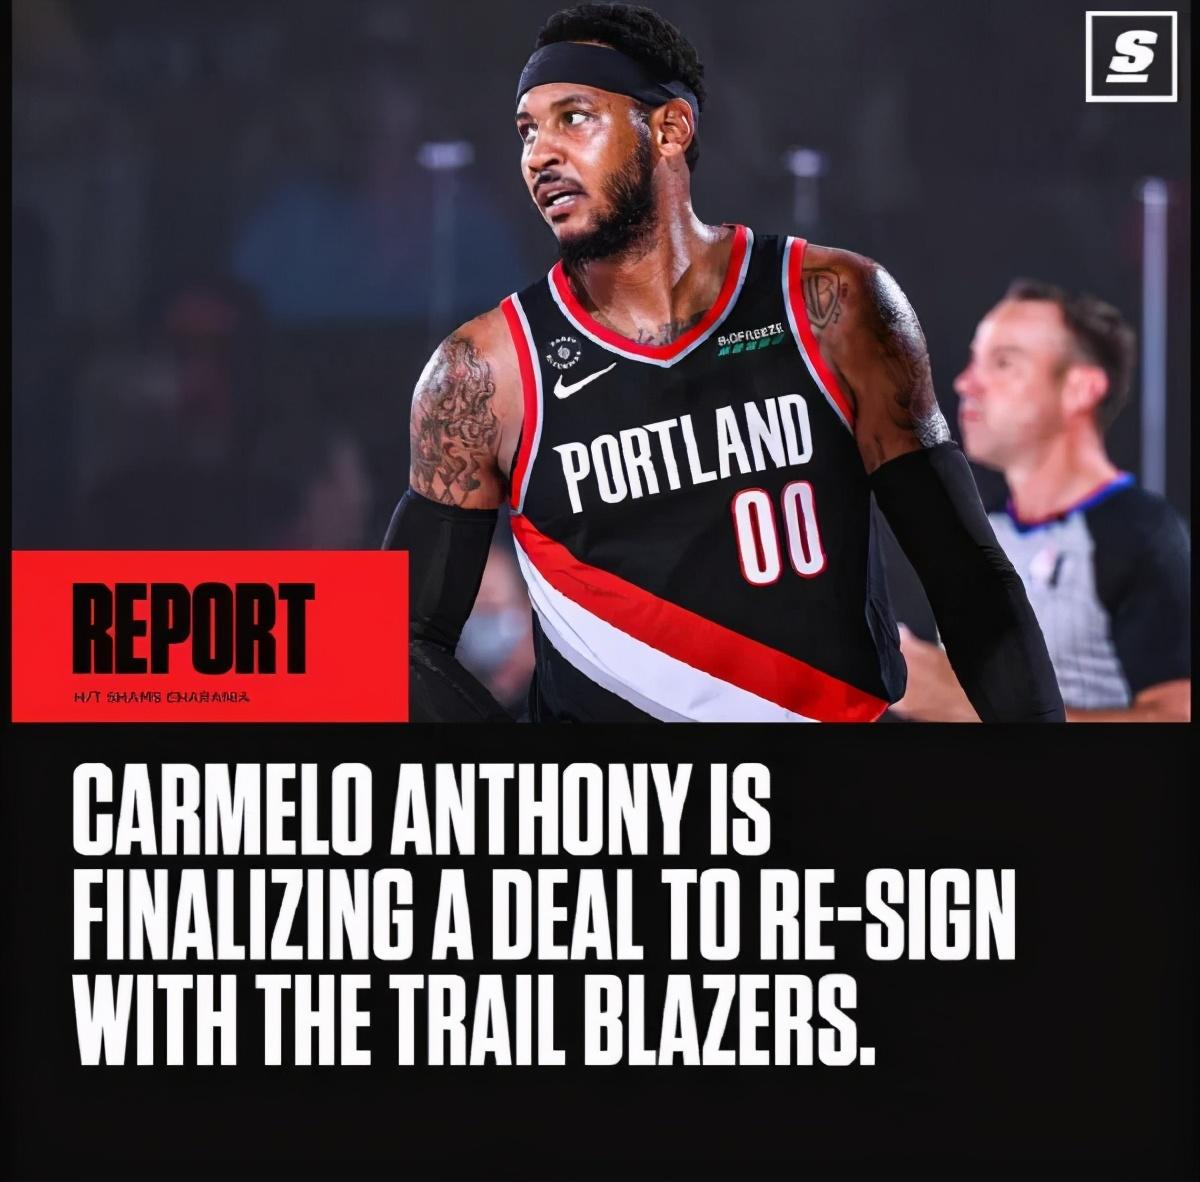 重磅!安东尼签下新合同!3年来第一次!20分钟老大他当定了